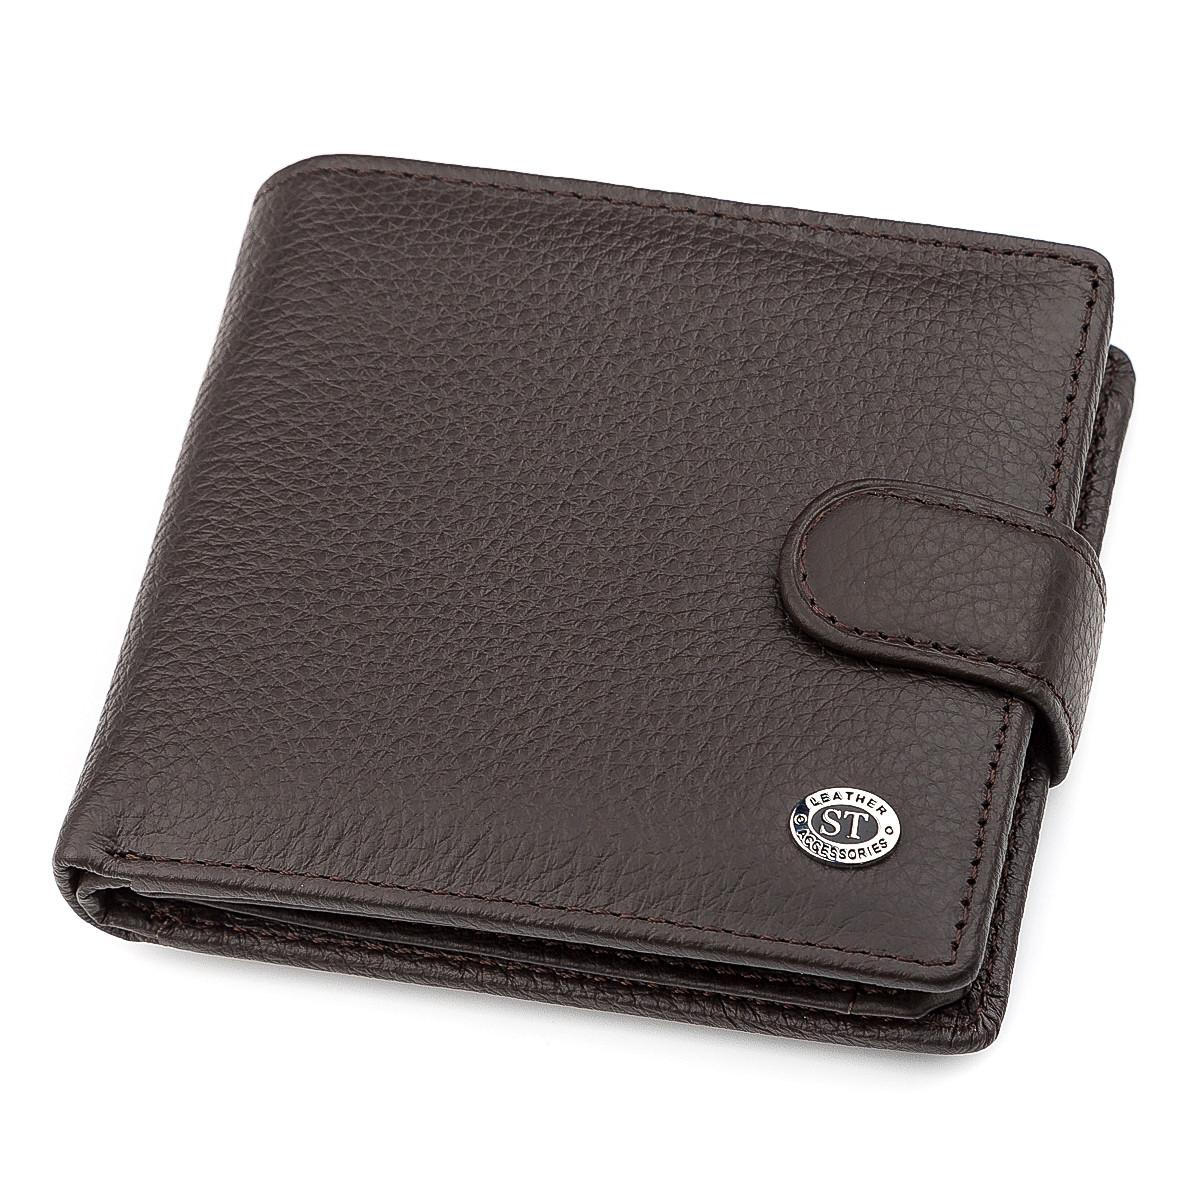 Мужской кошелек ST Leather 16447 (ST153) функциональный Коричневый